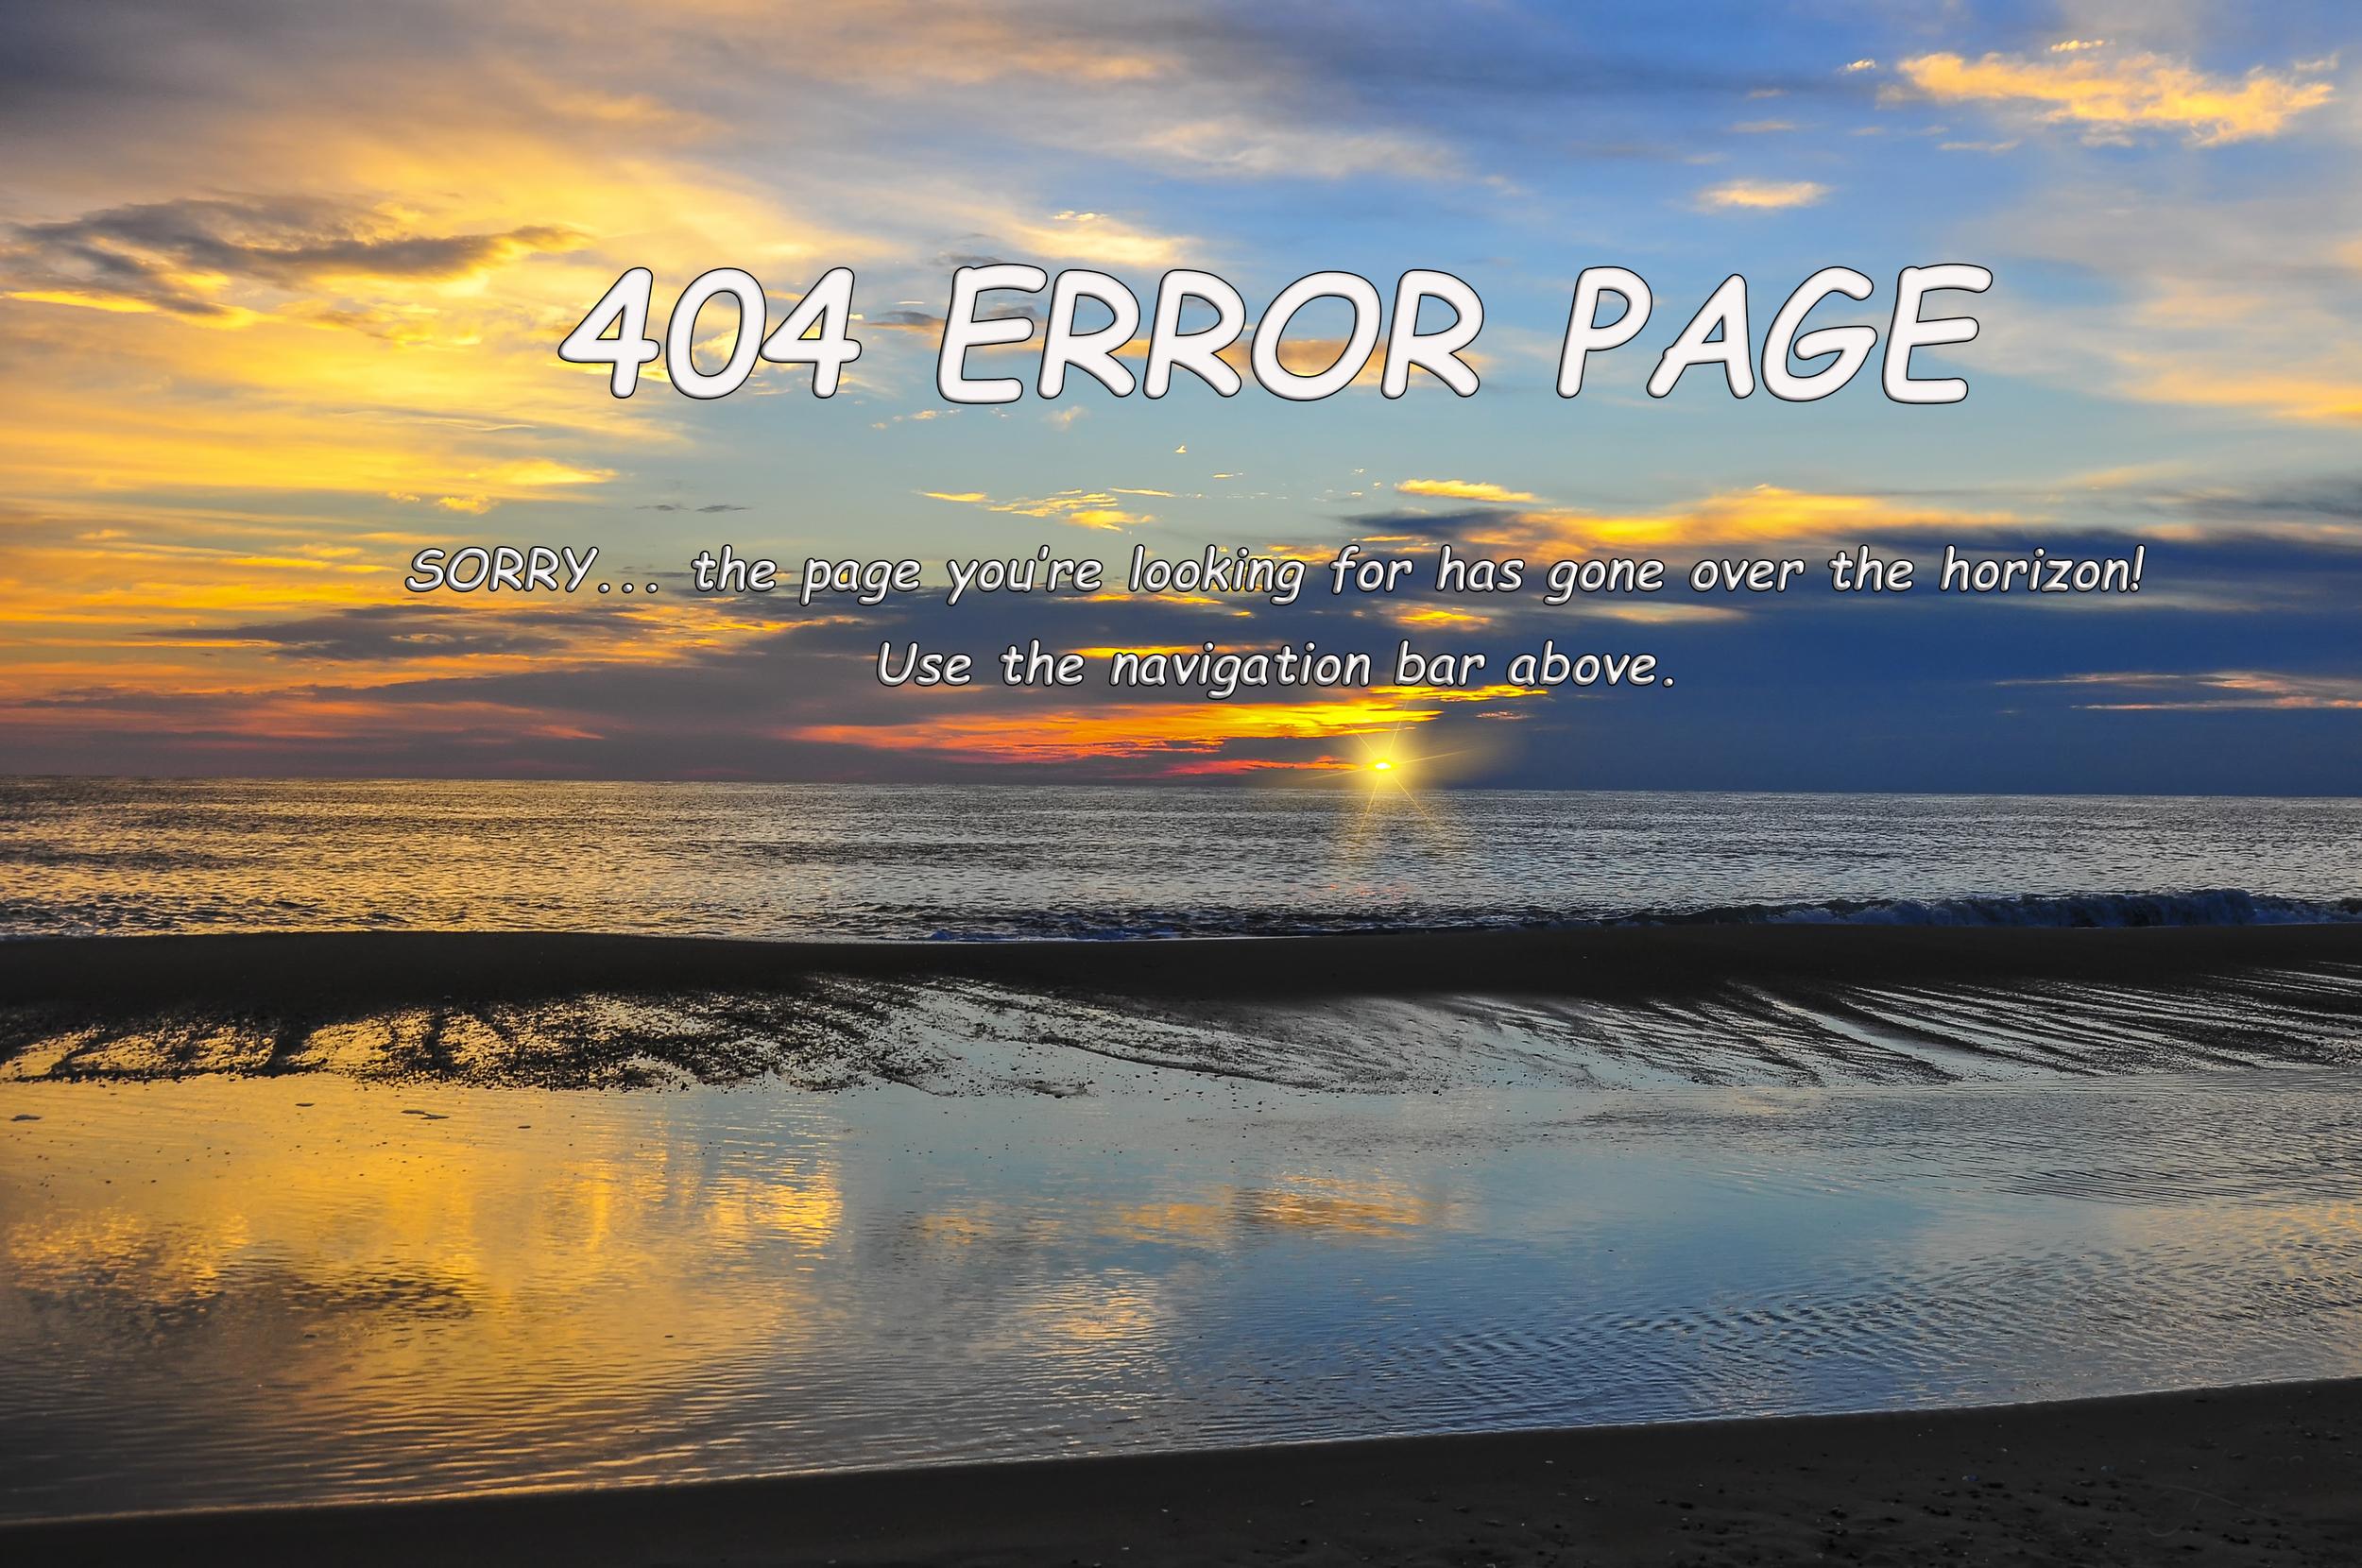 404 Error Page - JJV